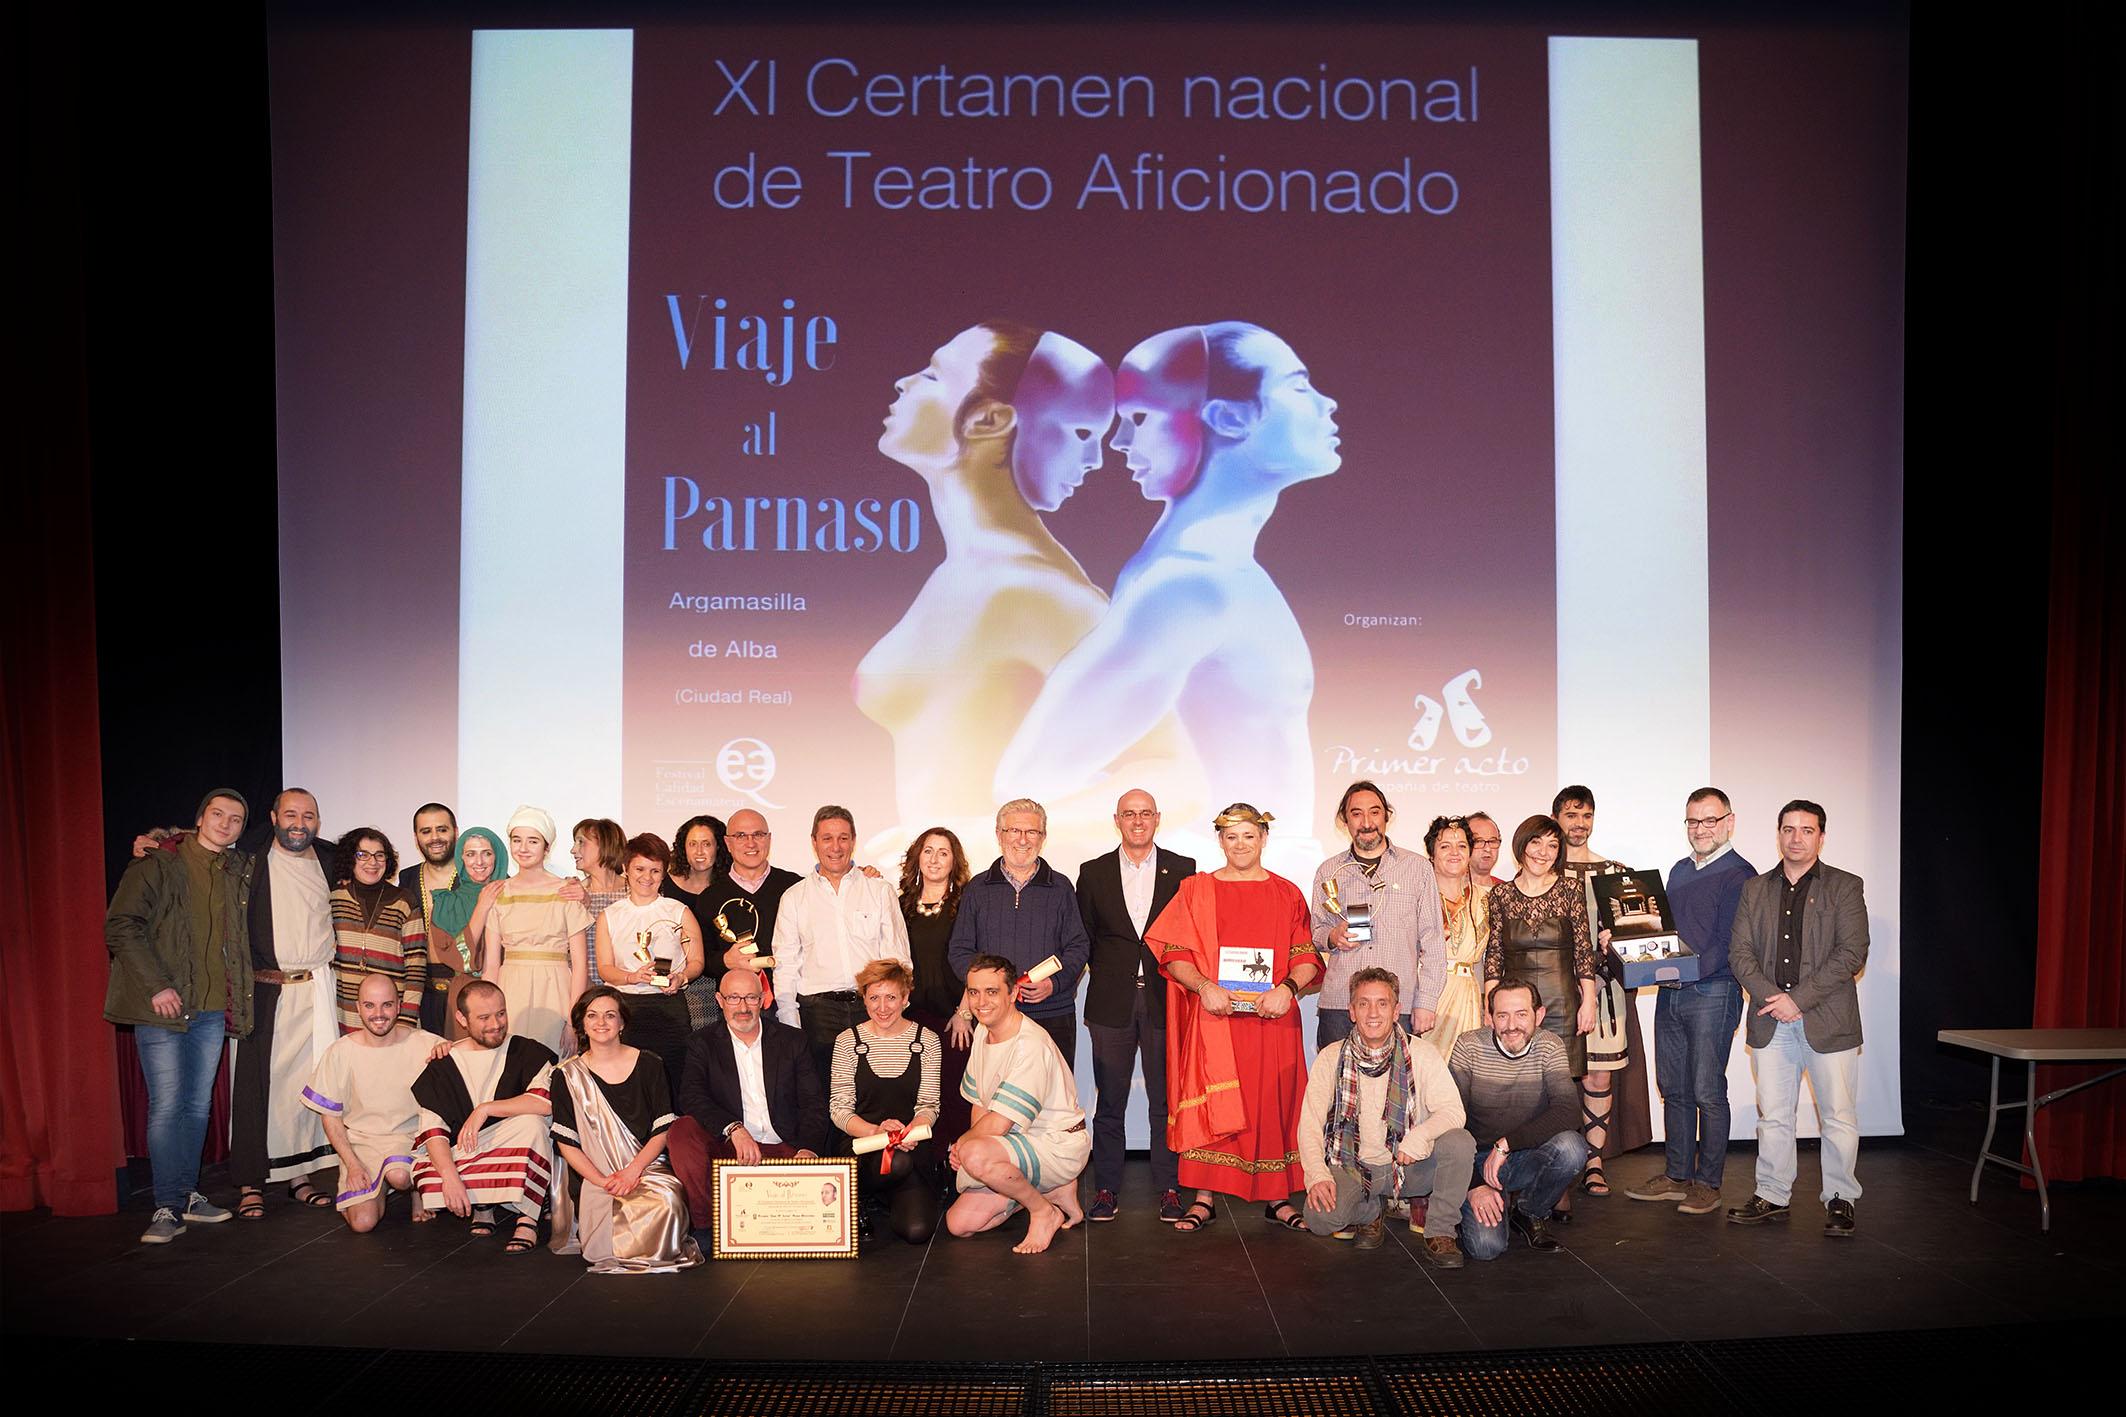 Taller de Teatro de Pinto gana el primer premio del Viaje al Parnaso en Argamasilla de Alba